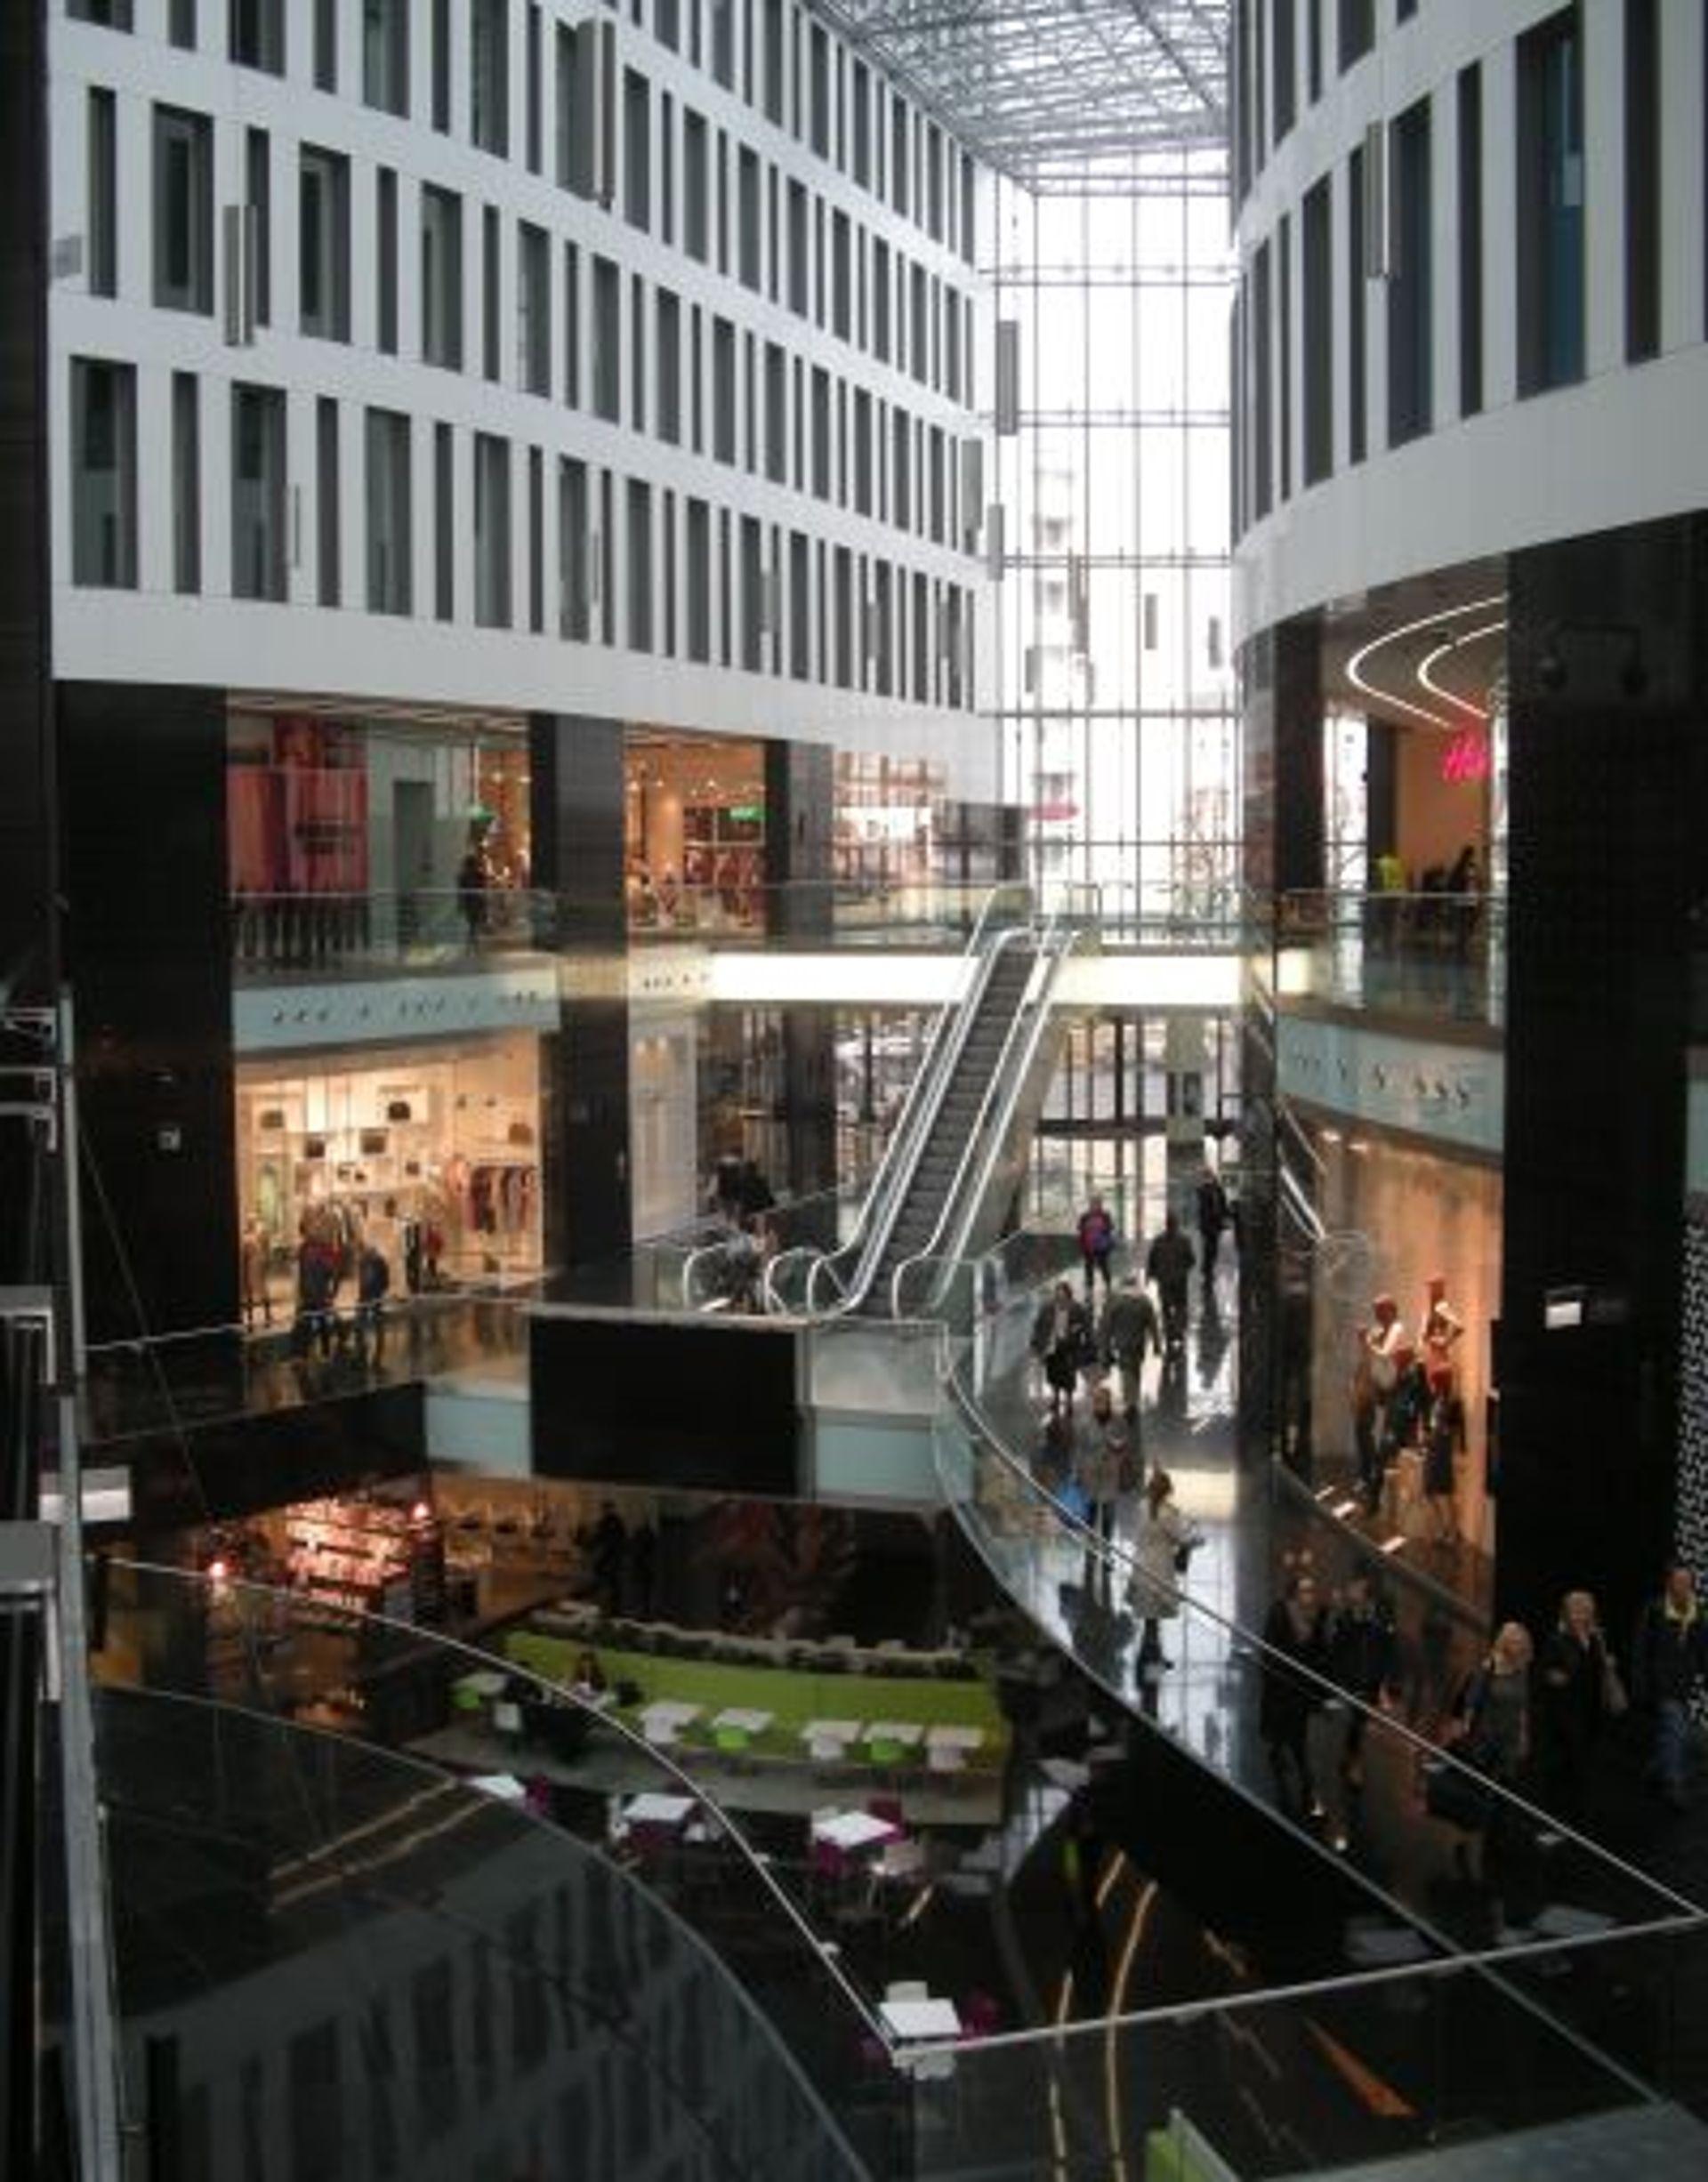 [Warszawa] Warszawski rynek handlowy z potencjałem rozwoju dla nowych projektów